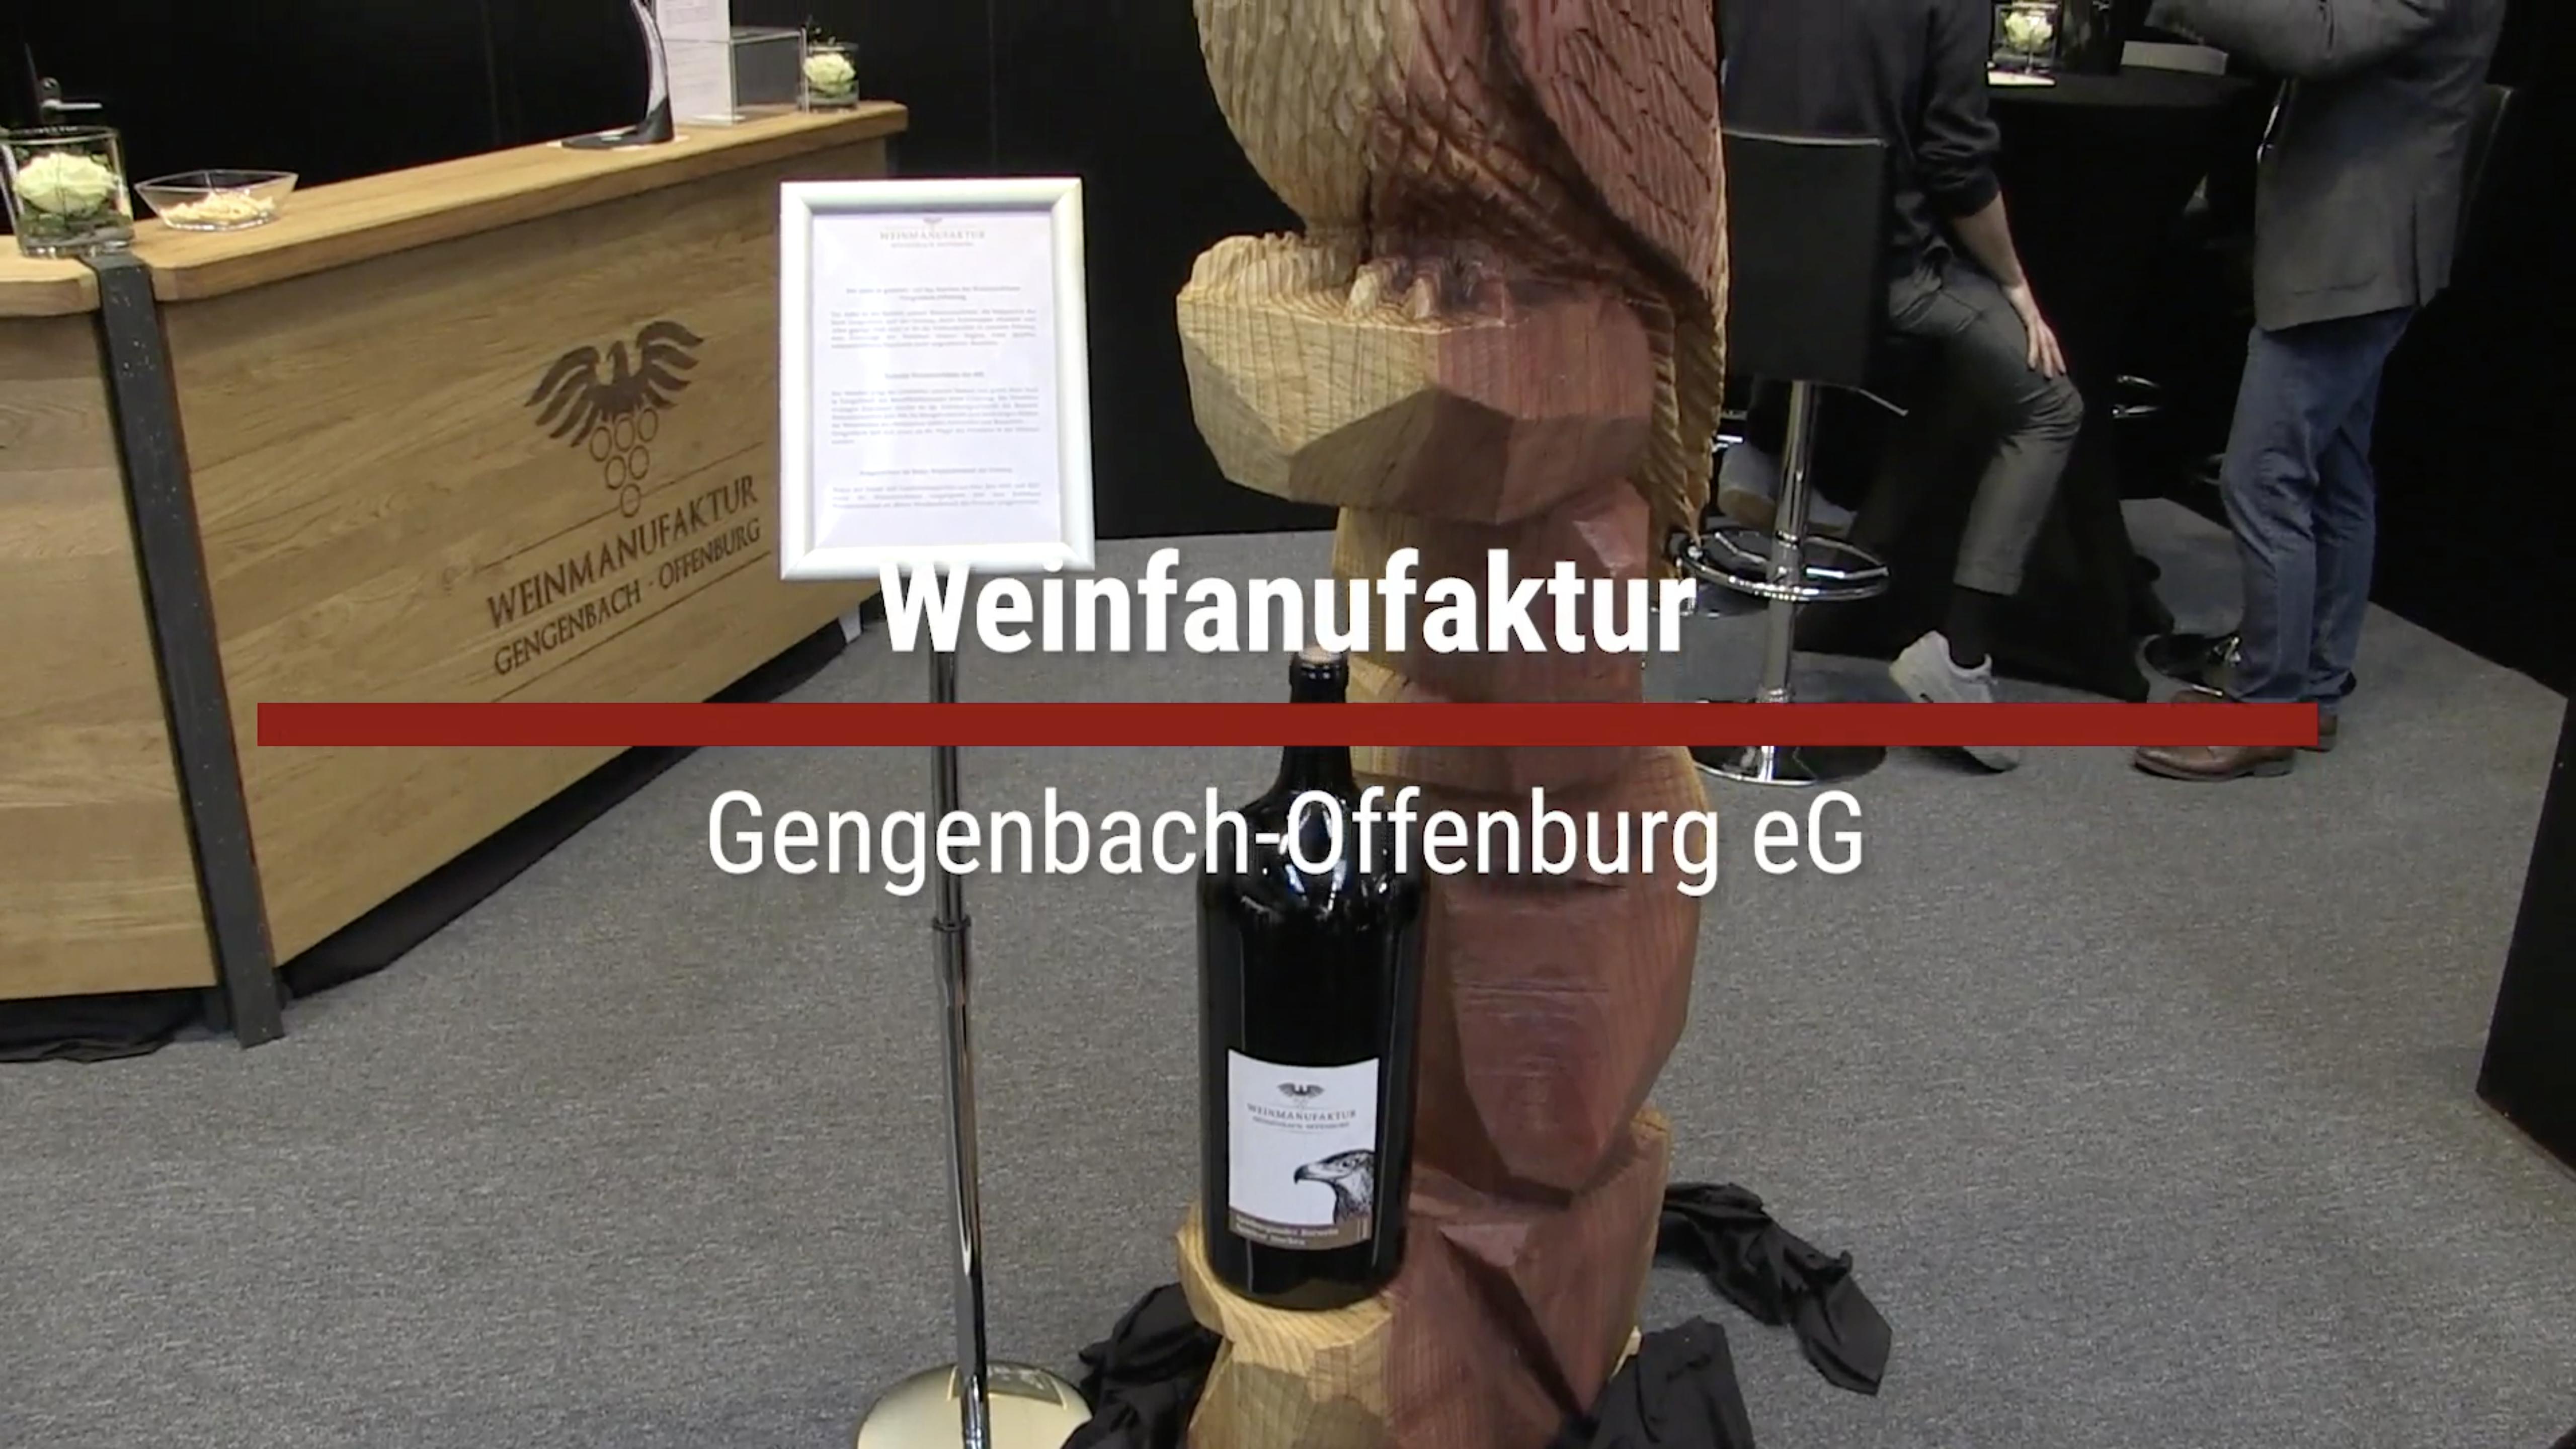 Weinmanufaktur Gengenbach-Offenburg eG – Baden